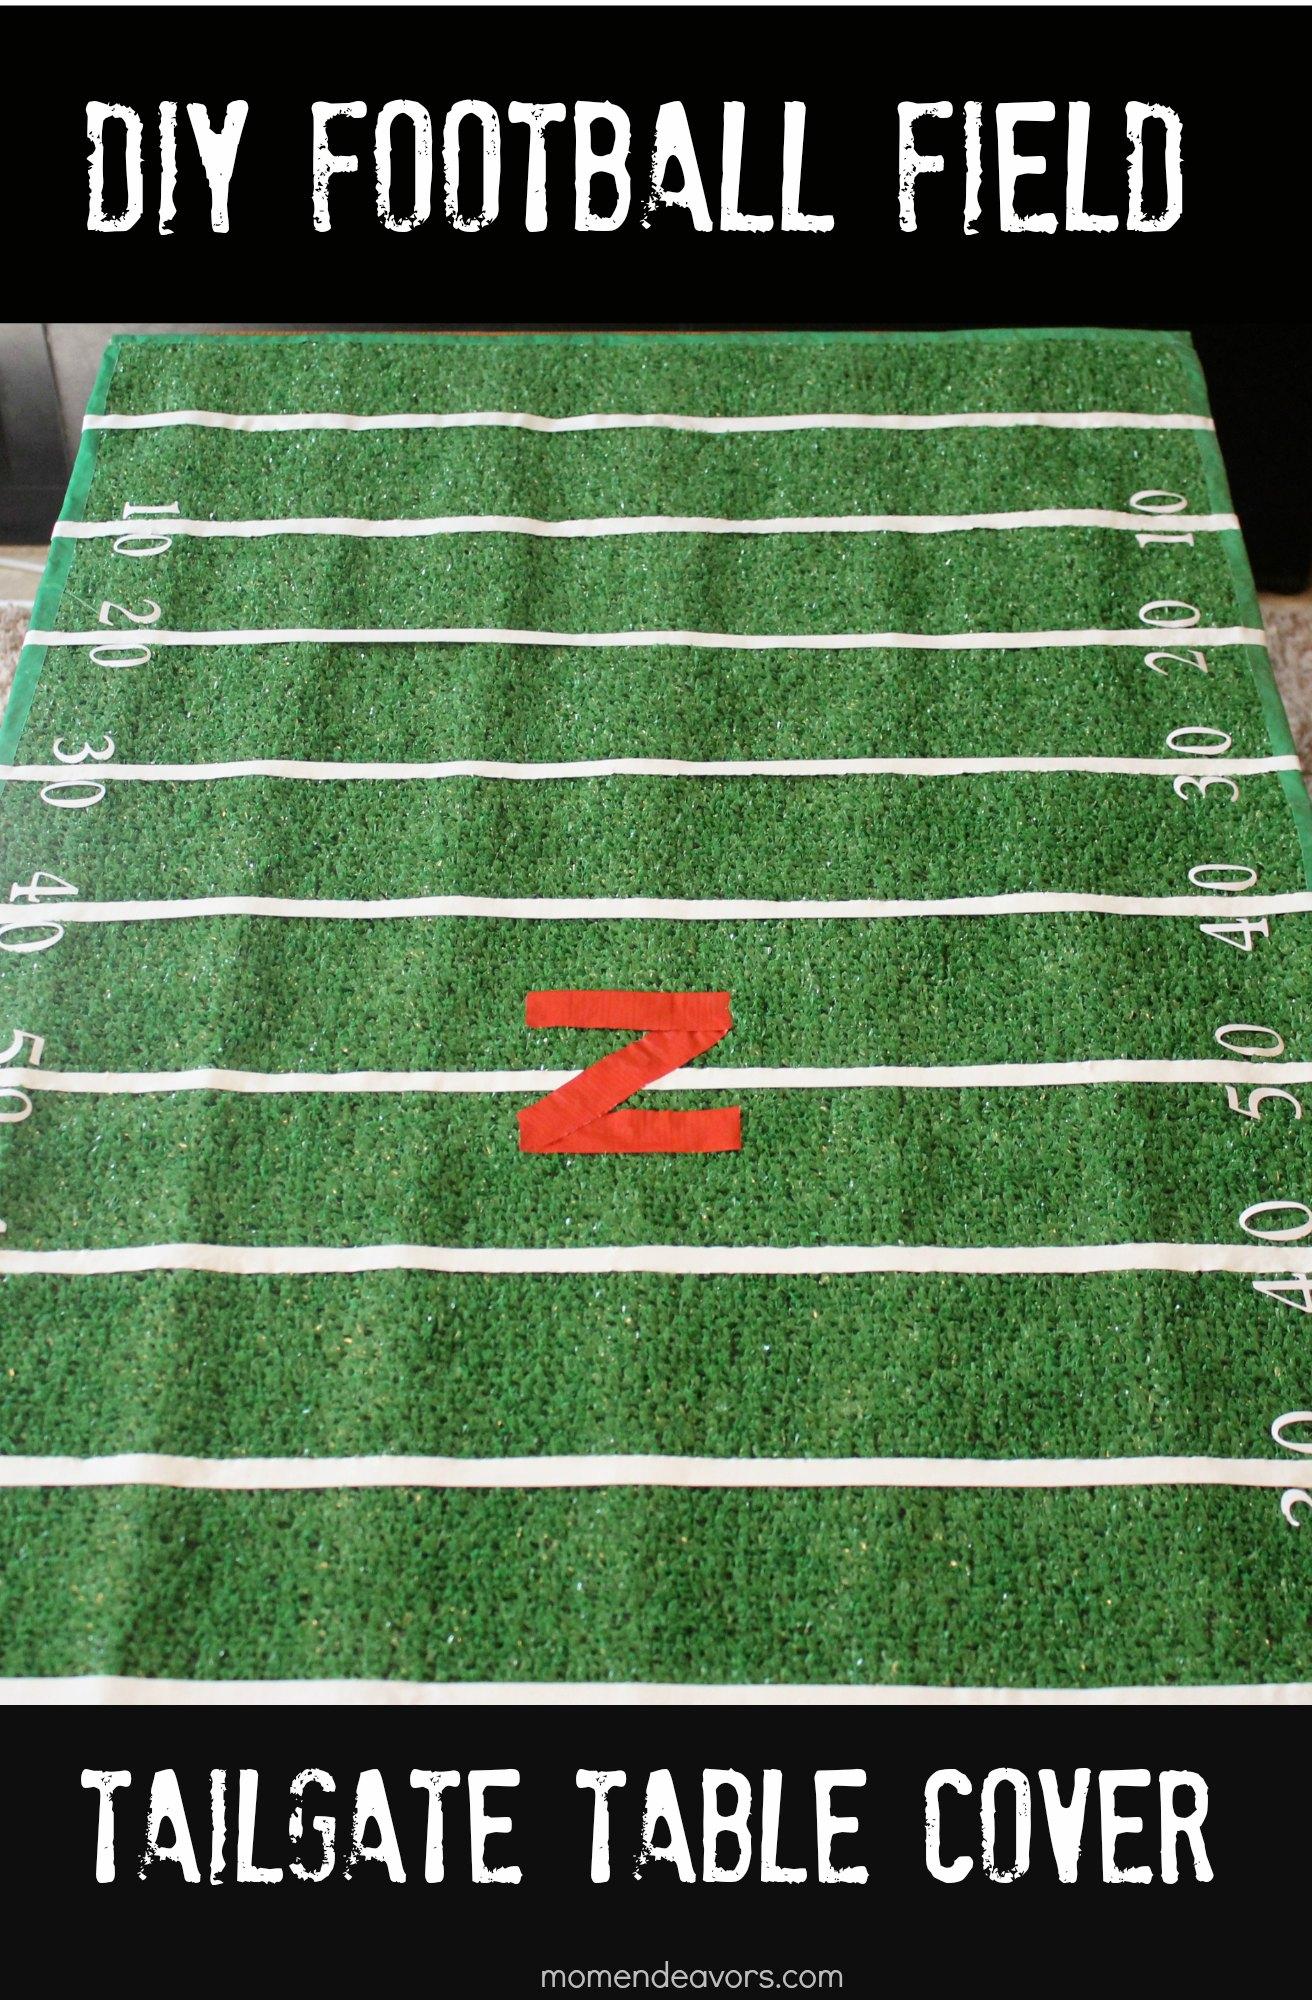 Details: • 1 Football Field Table Runner • Football Table Runner measures 88